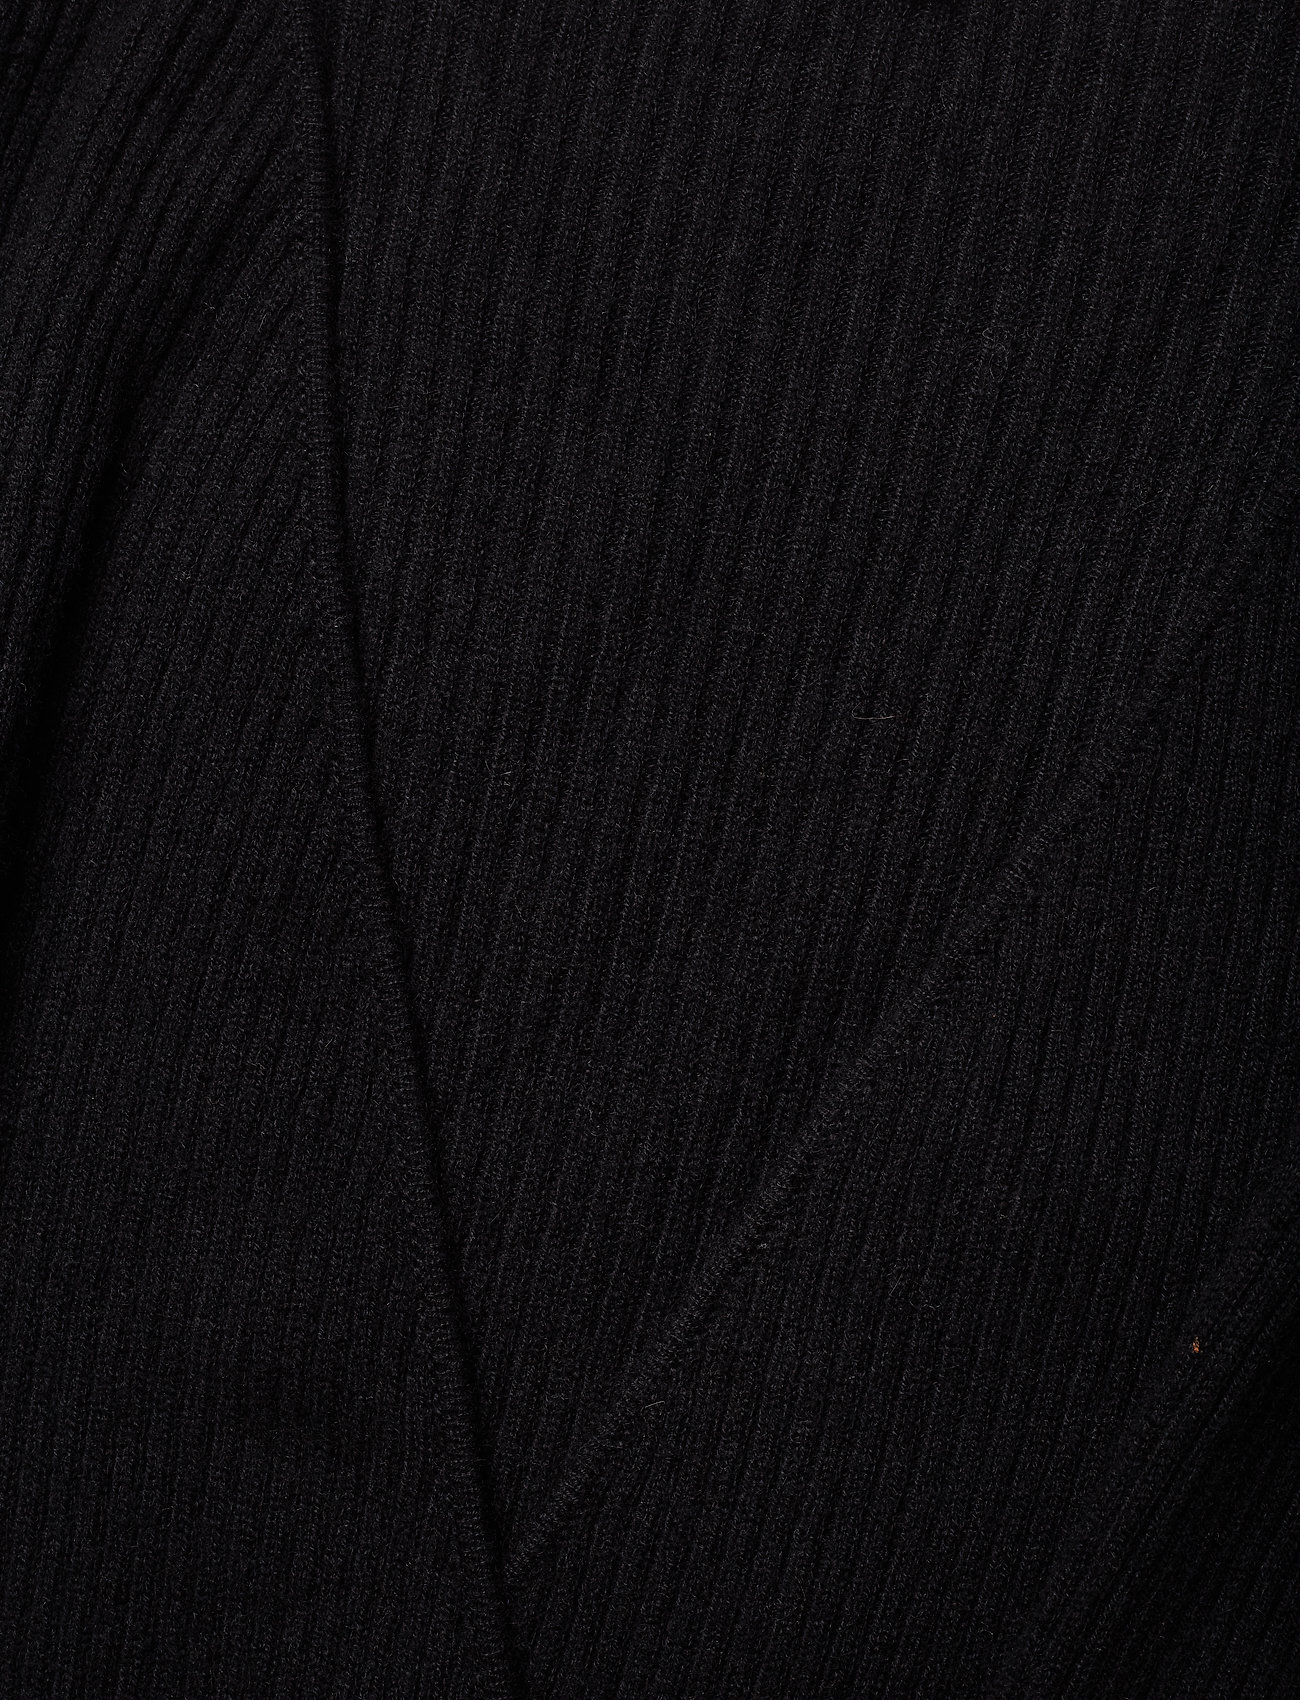 Cashmere Rib Rib Wrap Rib Cashmere Wrap DressblackDavida Wrap Midi DressblackDavida Midi nvm80wON